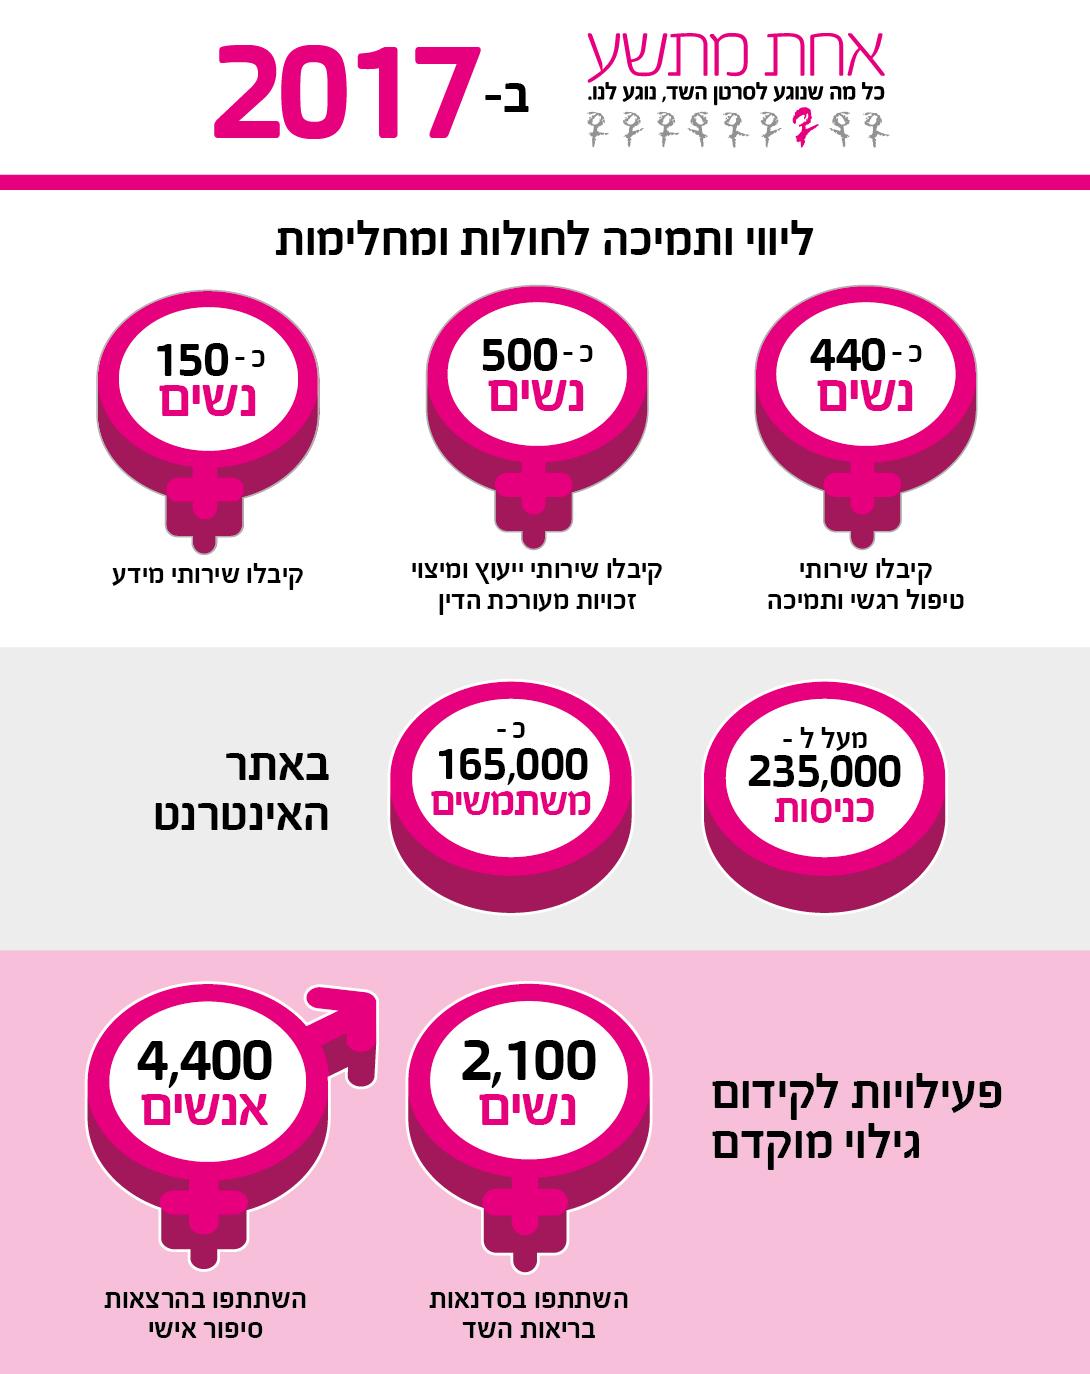 שירותי מידע; כ2,100 נשים השתתפו בסדנאות בריאות השד, כ- 4,400 אנשים שמעו הרצאות סיפור אישיבשנת 2017: 430 נשים קיבלו שירותי טיפול רגשי ותמיכה, 500 נשים קיבלו שירותי ייעוץ ומיצוי זכויות, 150 נשים קיבלו מ